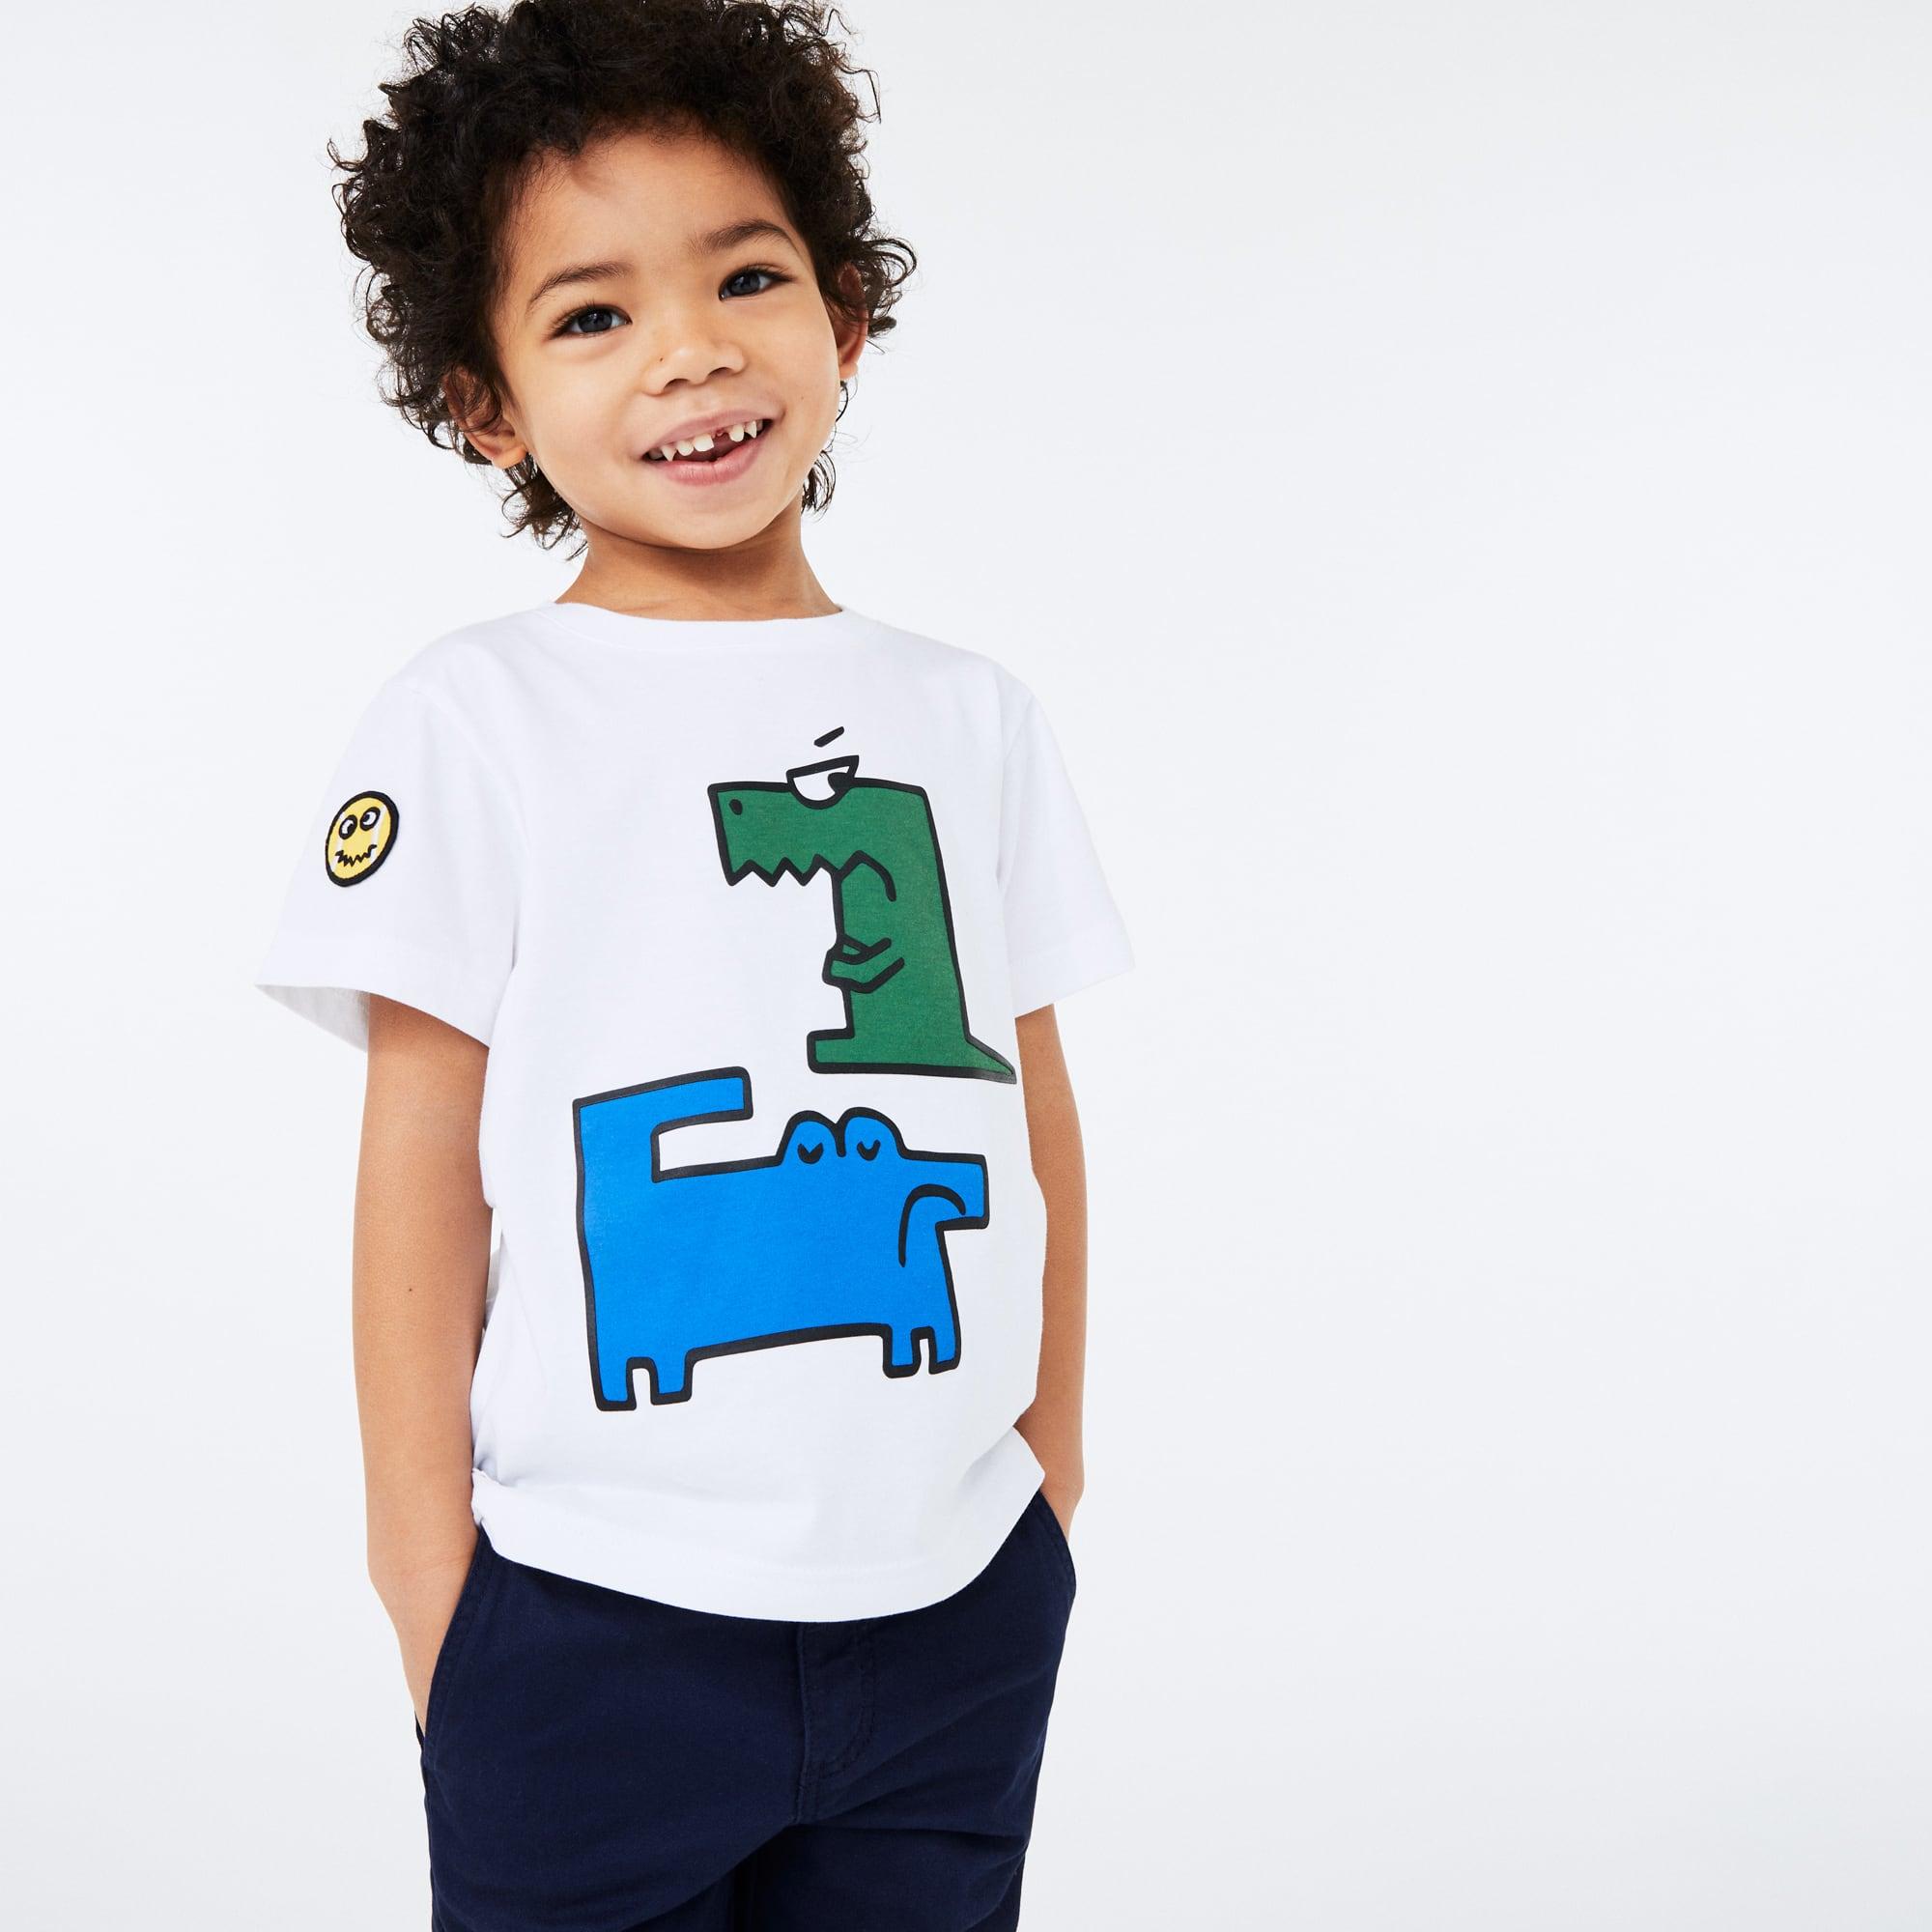 라코스테 Lacoste Boys' Crew Neck Croc Print Cotton T-shirt,White • SBH